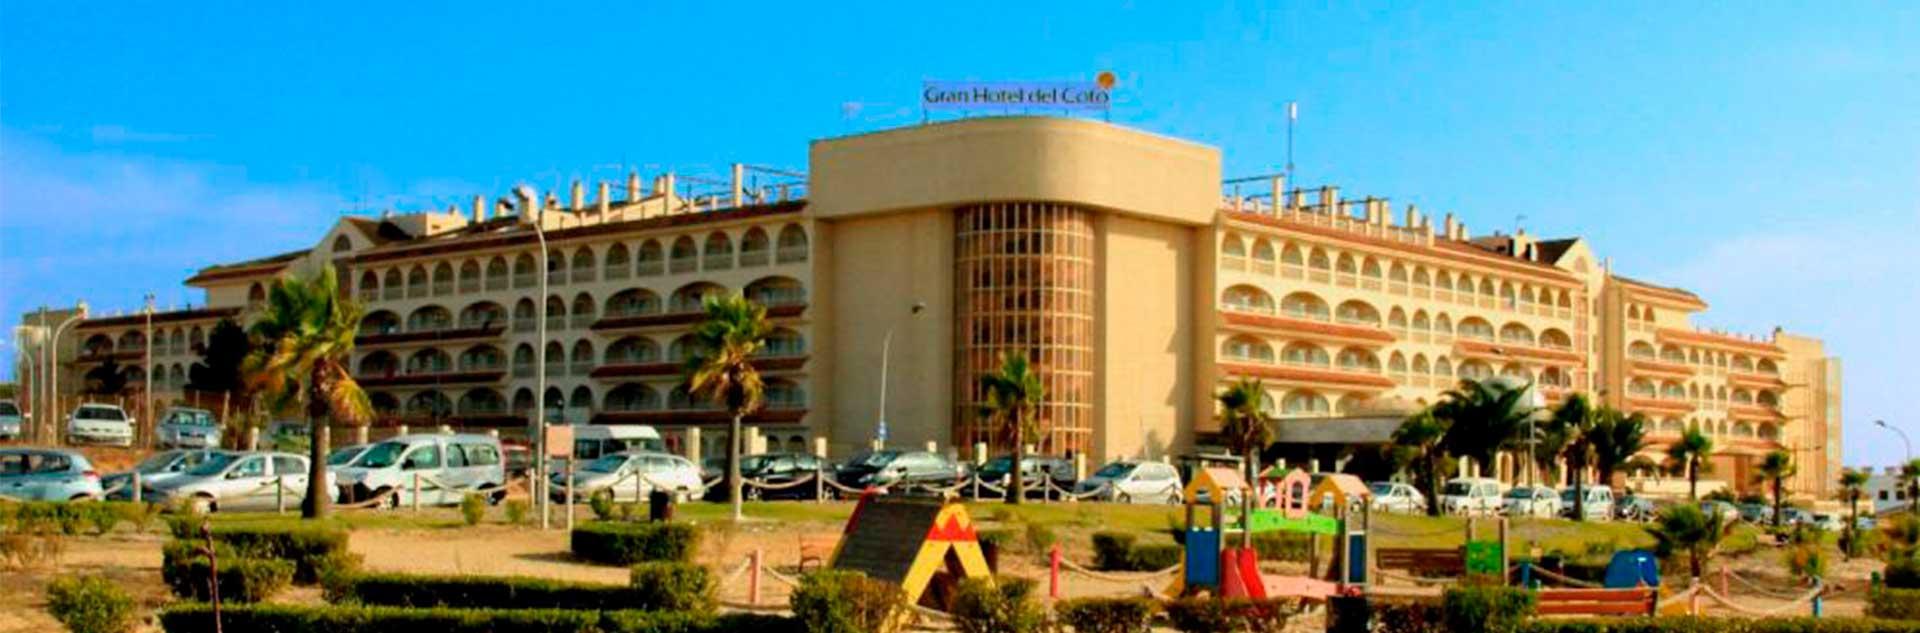 Fachada exterior Gran Hotel del Coto